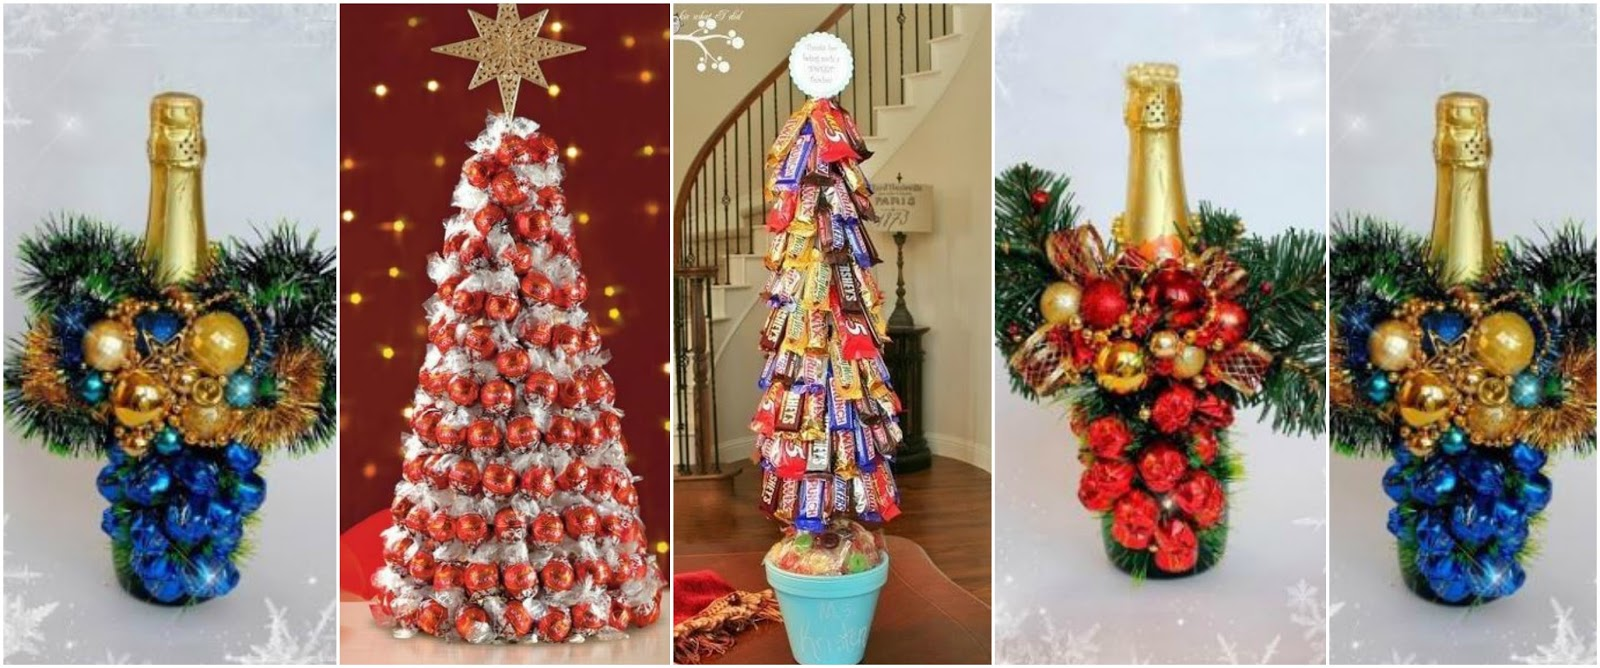 3 Ideas Bonitas Y Deliciosas Para Regalar En Navidad Haz  ~ Ideas Para Regalar En Navidad Manualidades